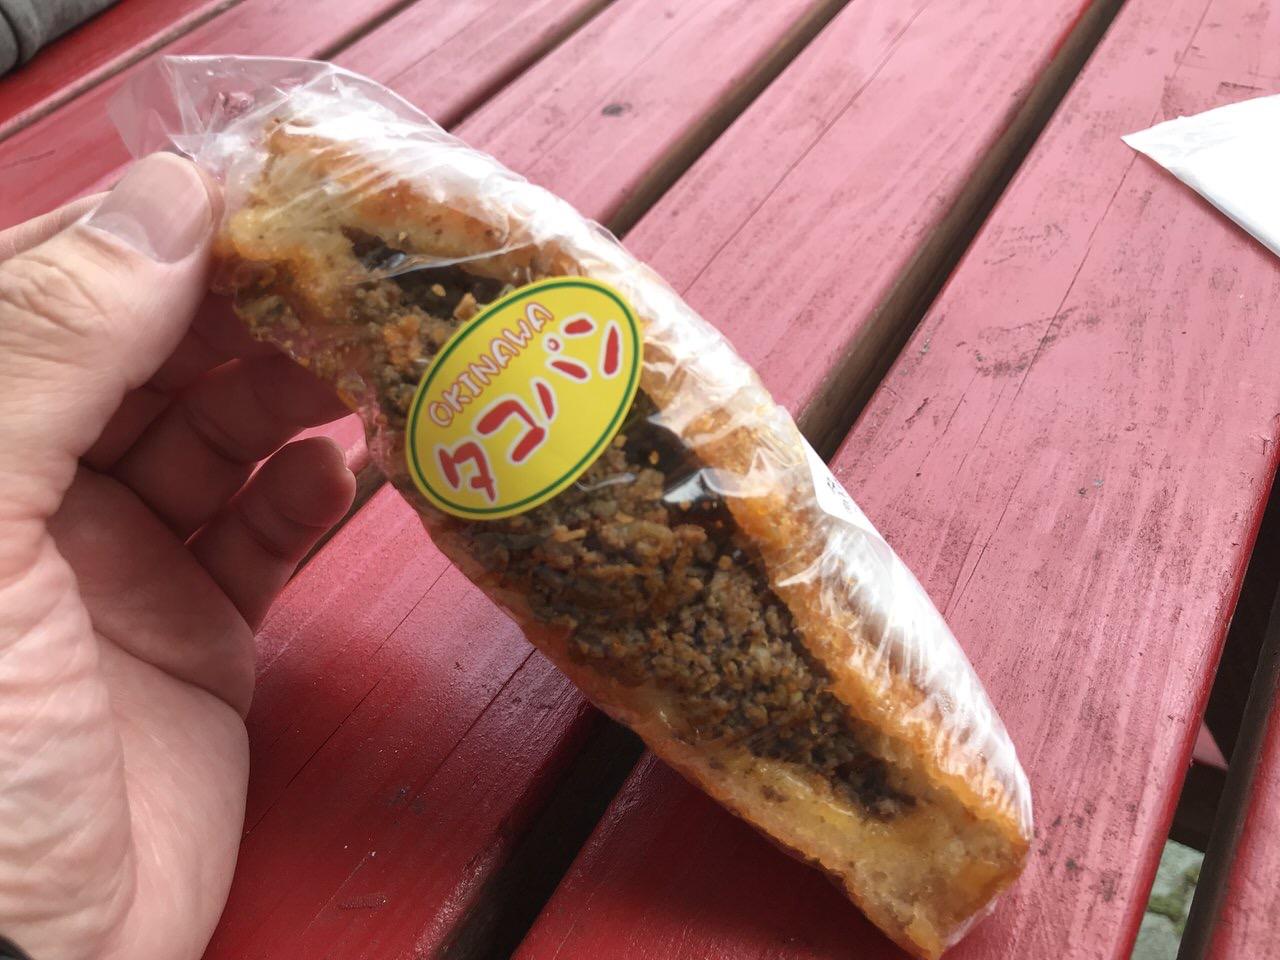 「タコパン」タコスをサンドイッチした沖縄のご当地パンが美味!